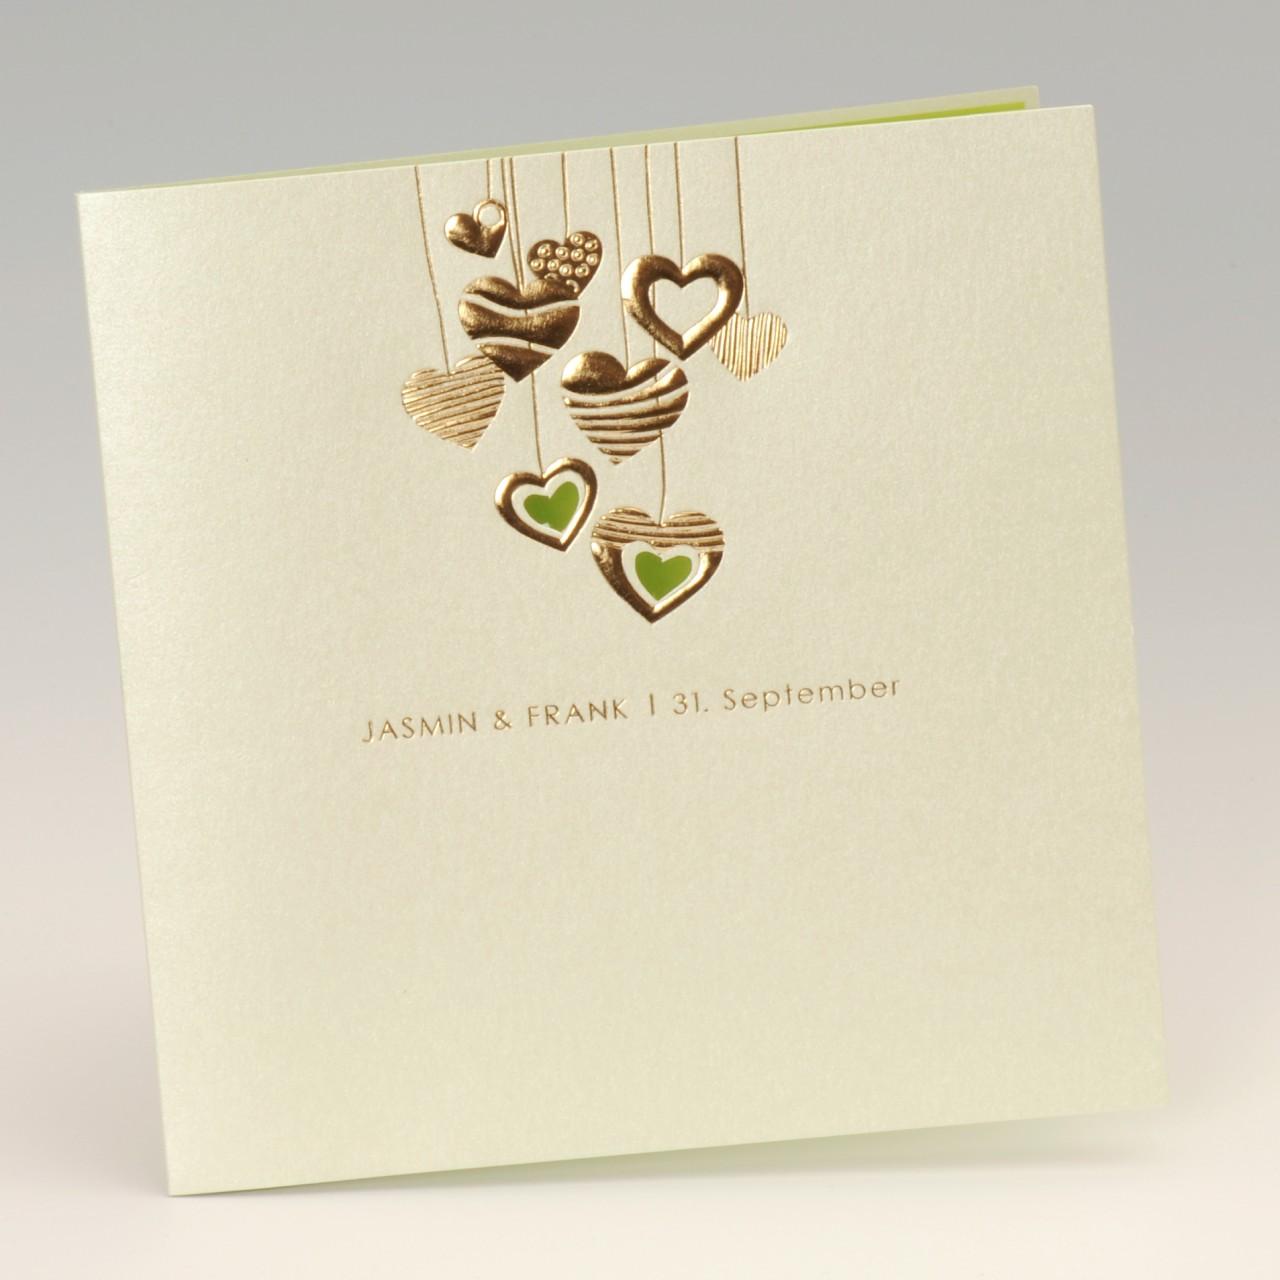 Mintgrüne Karte mit geprägten Herzen und grünem Einleger<br> <b> Folienprägung (Namen) bereits im Preis inbegriffen! </b>